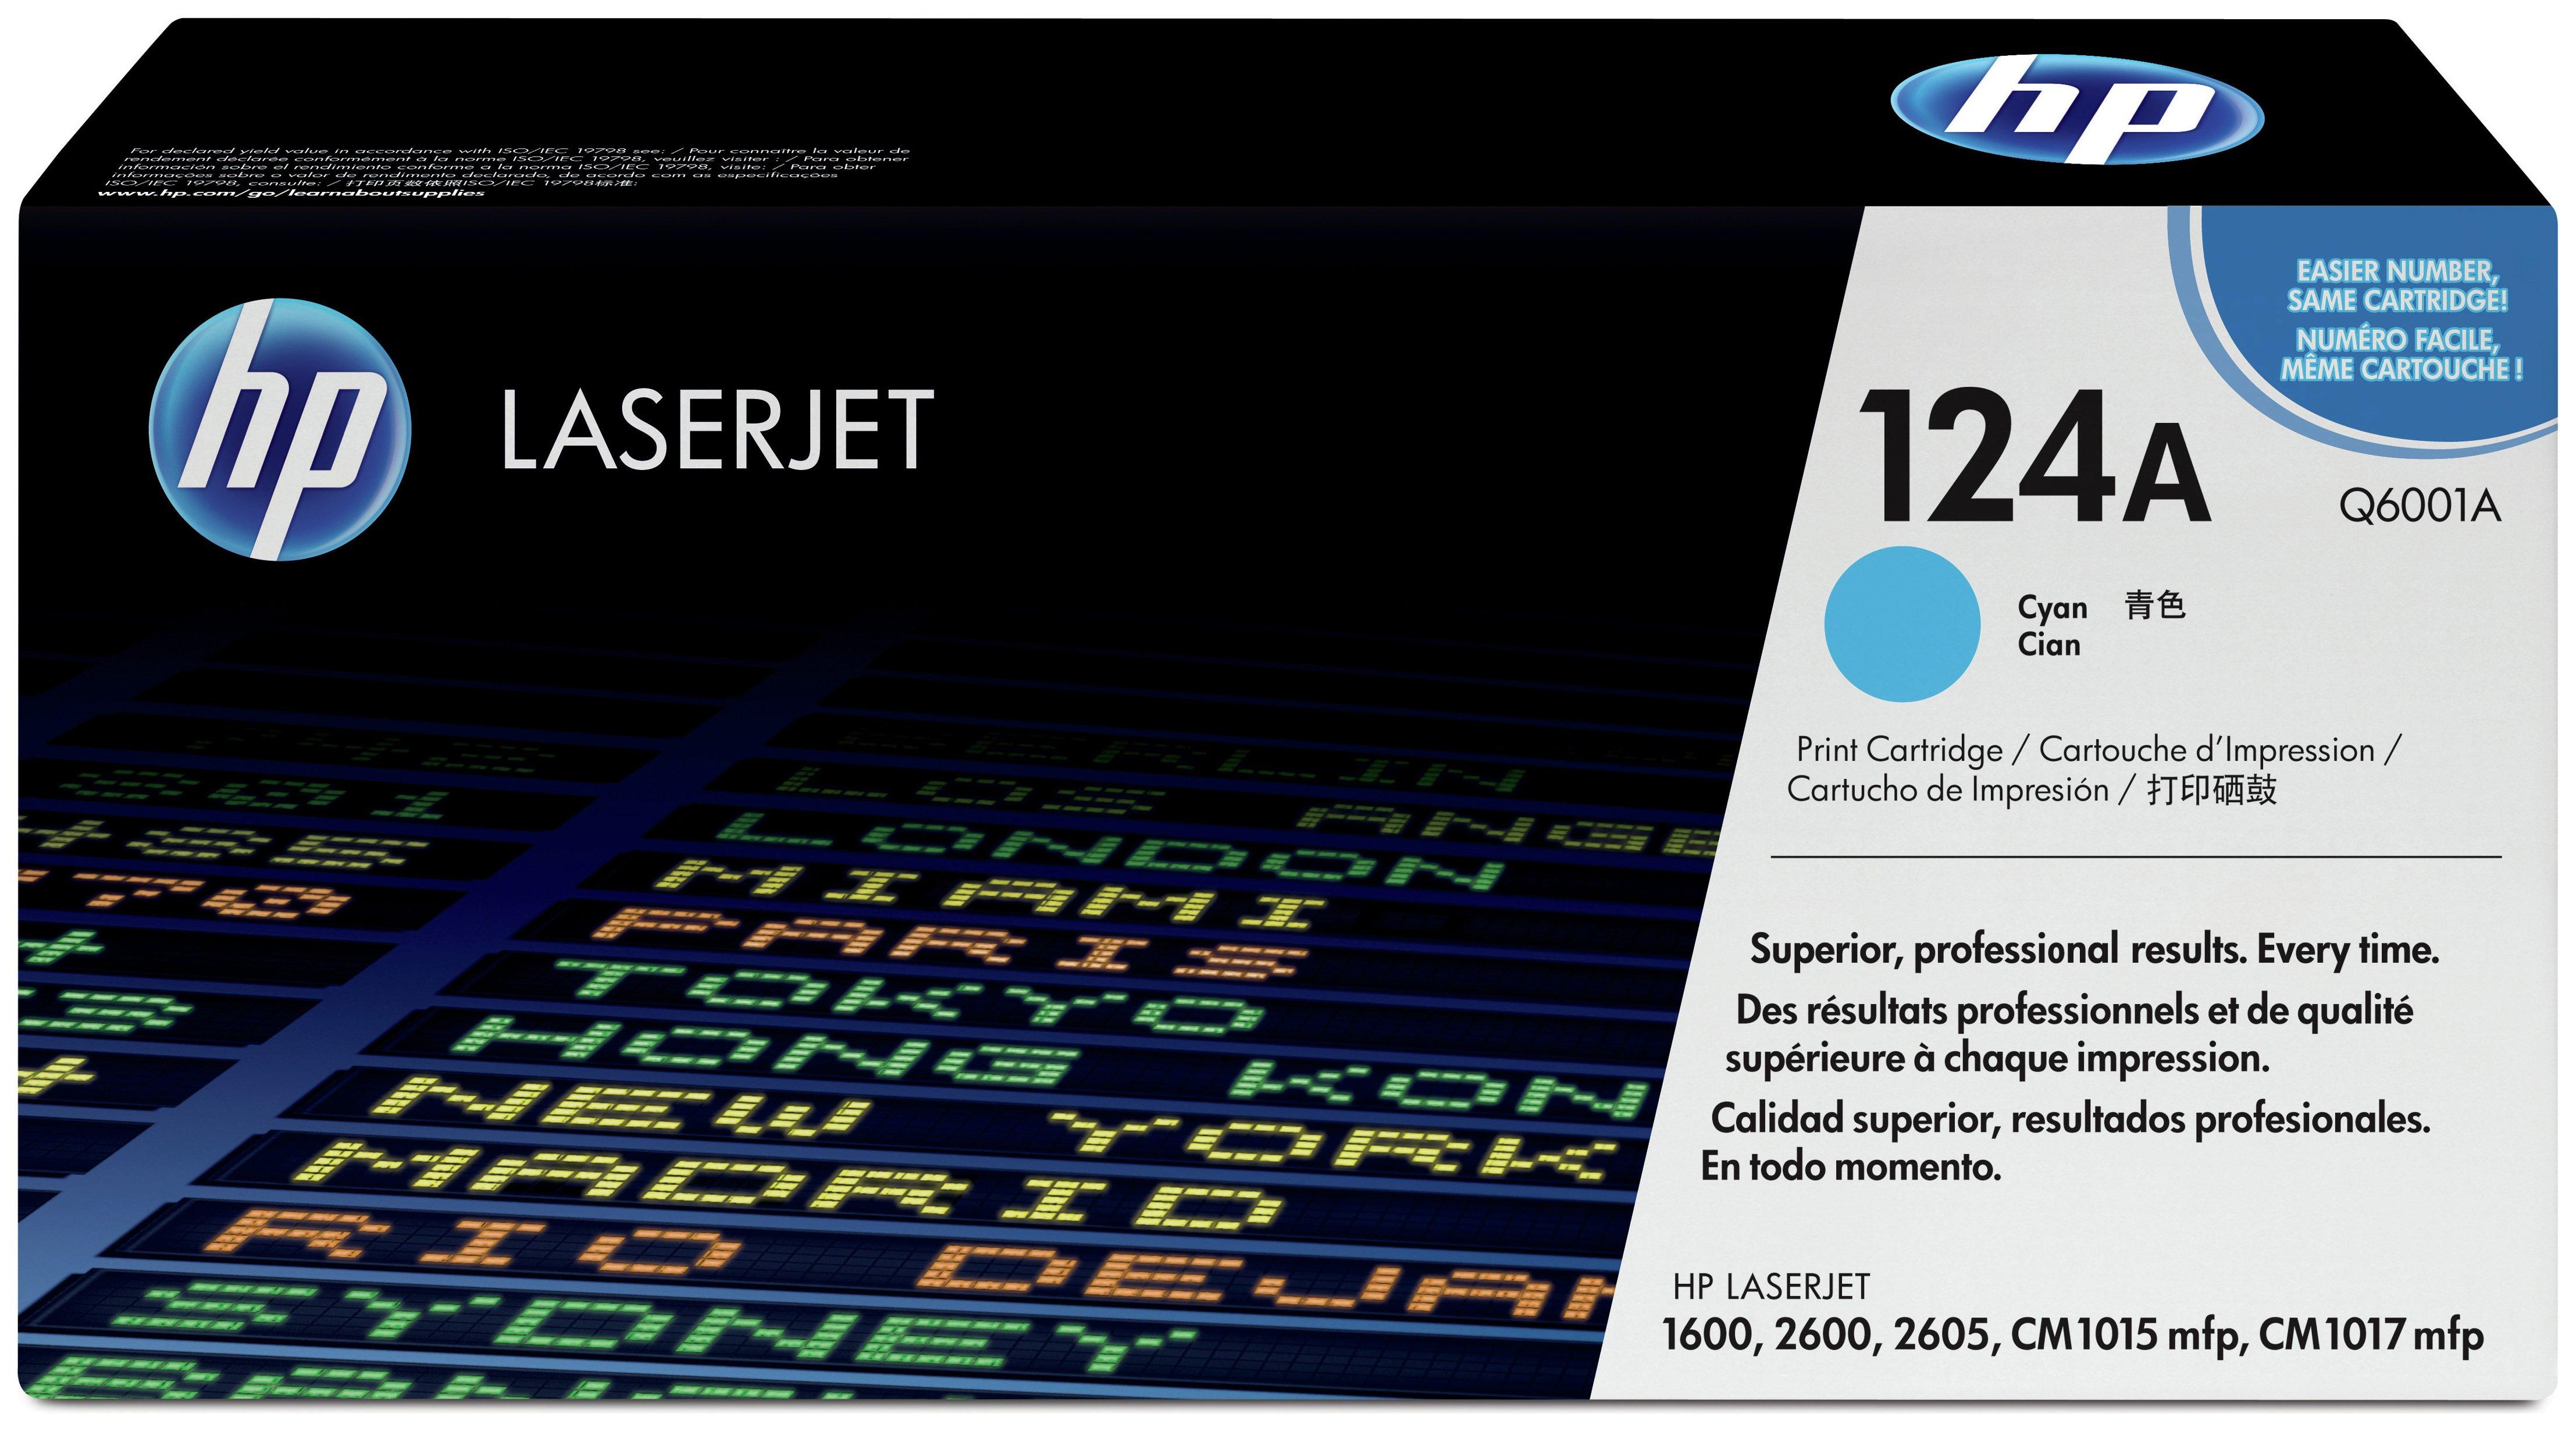 HP - 124A Cyan LaserJet - Toner Cartridge (Q6001A)